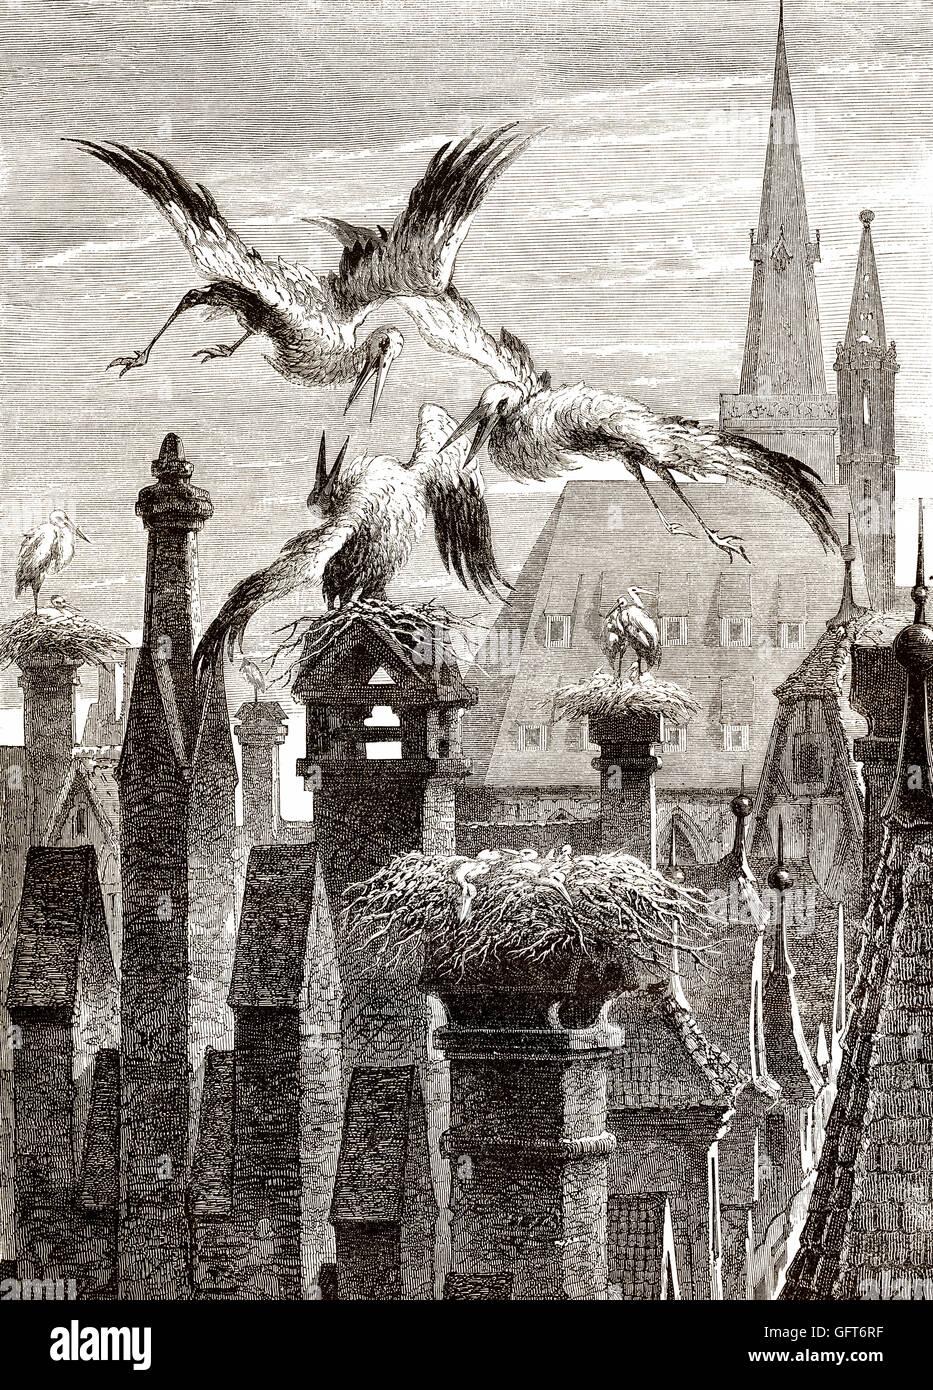 Storchennester in der Stadt von Straßburg, Elsass, Frankreich, 19. Jahrhundert Stockbild